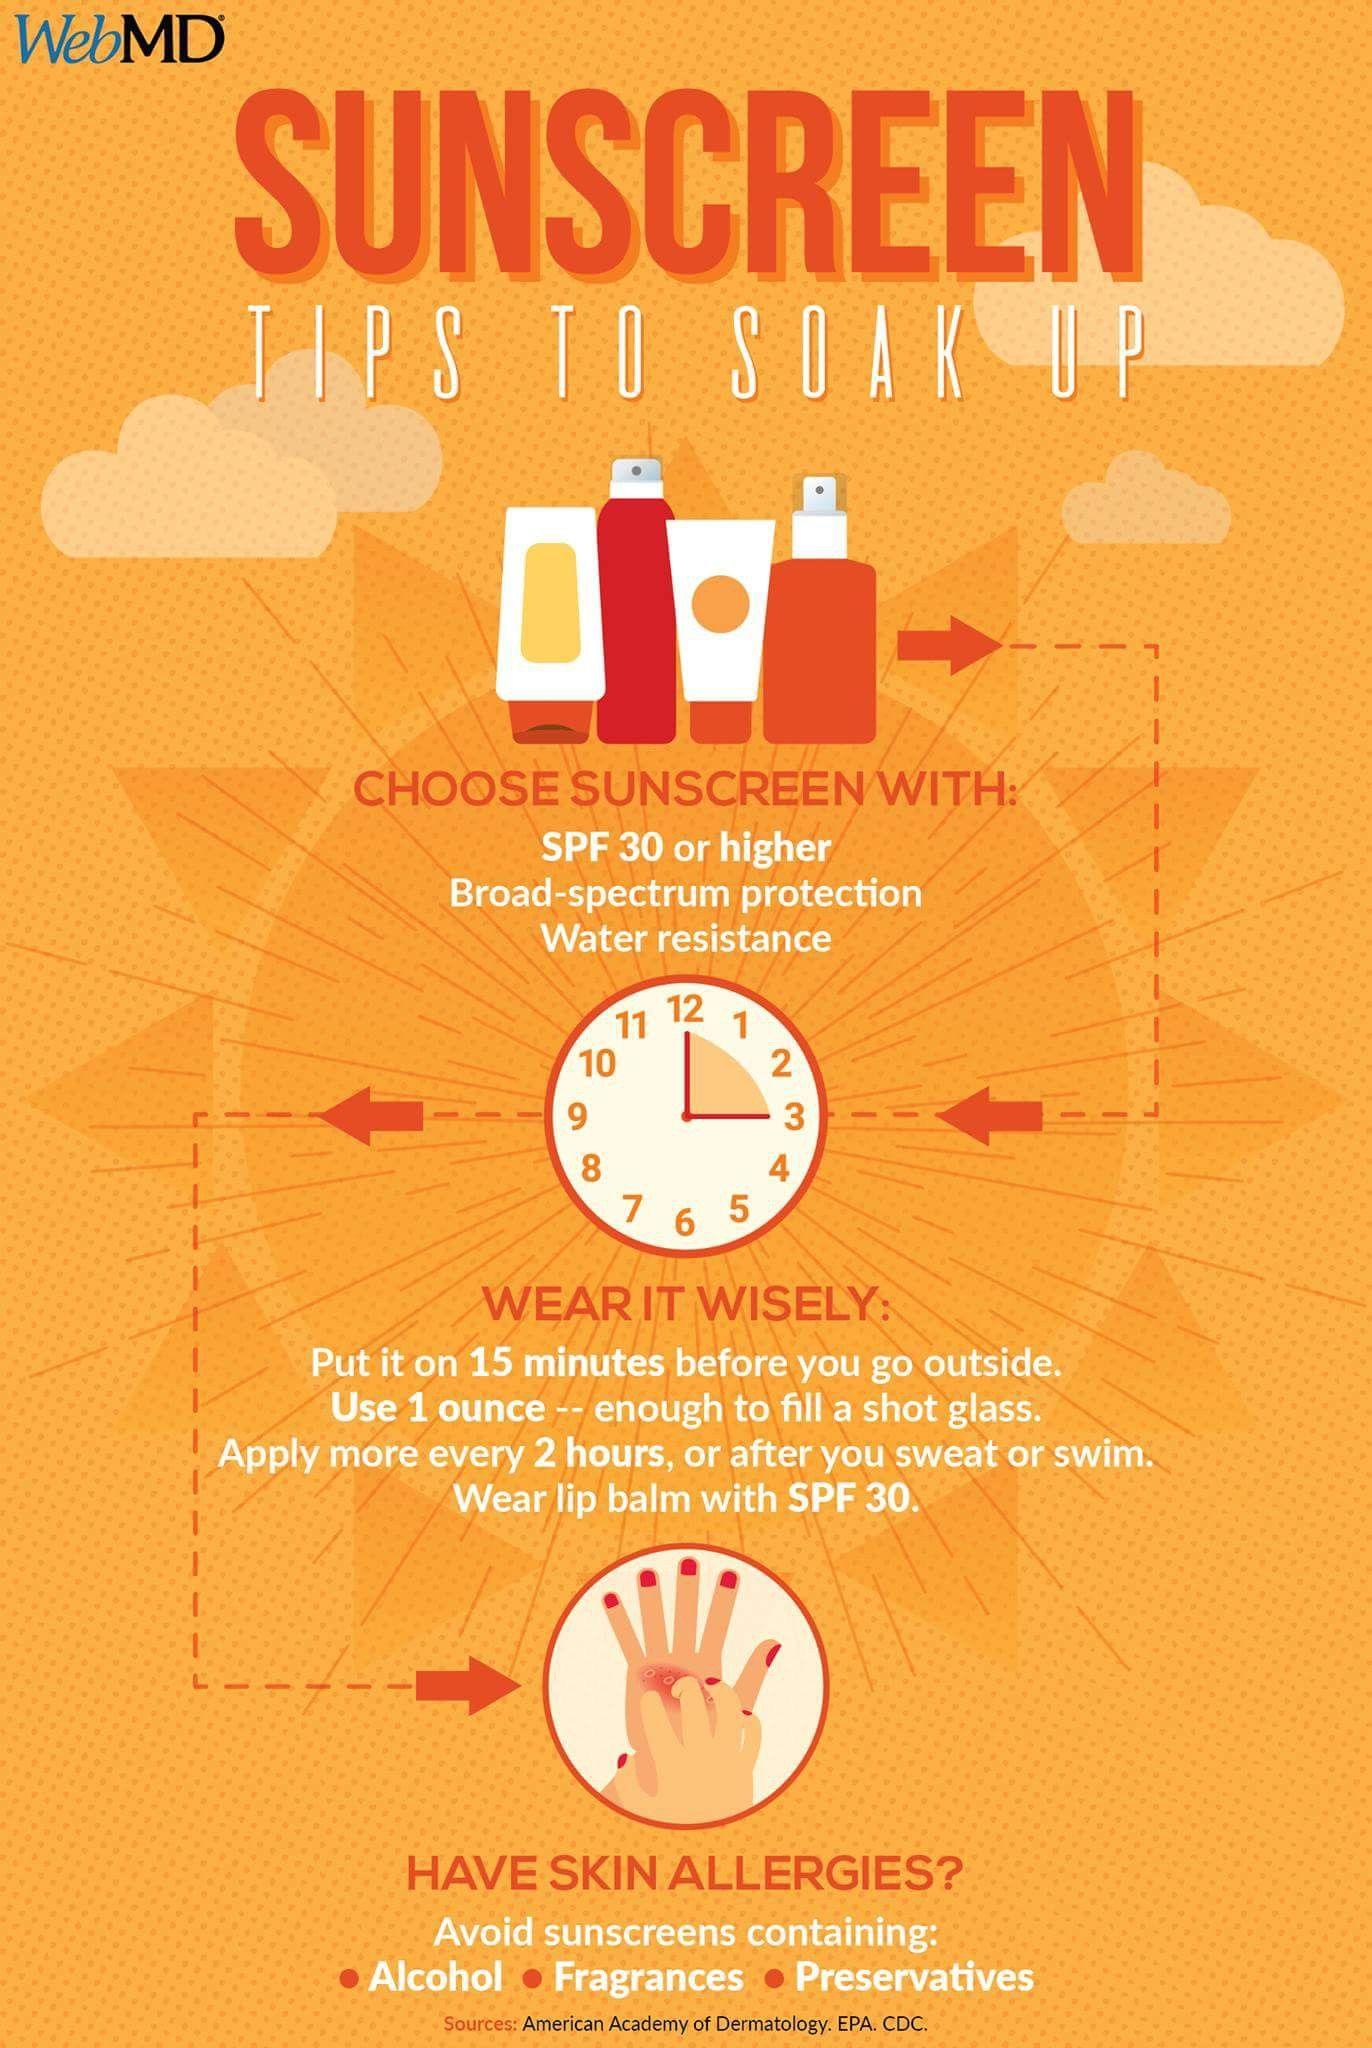 Sunscreen Skin Protection Sun Sunscreen Facts Sunscreen Guide